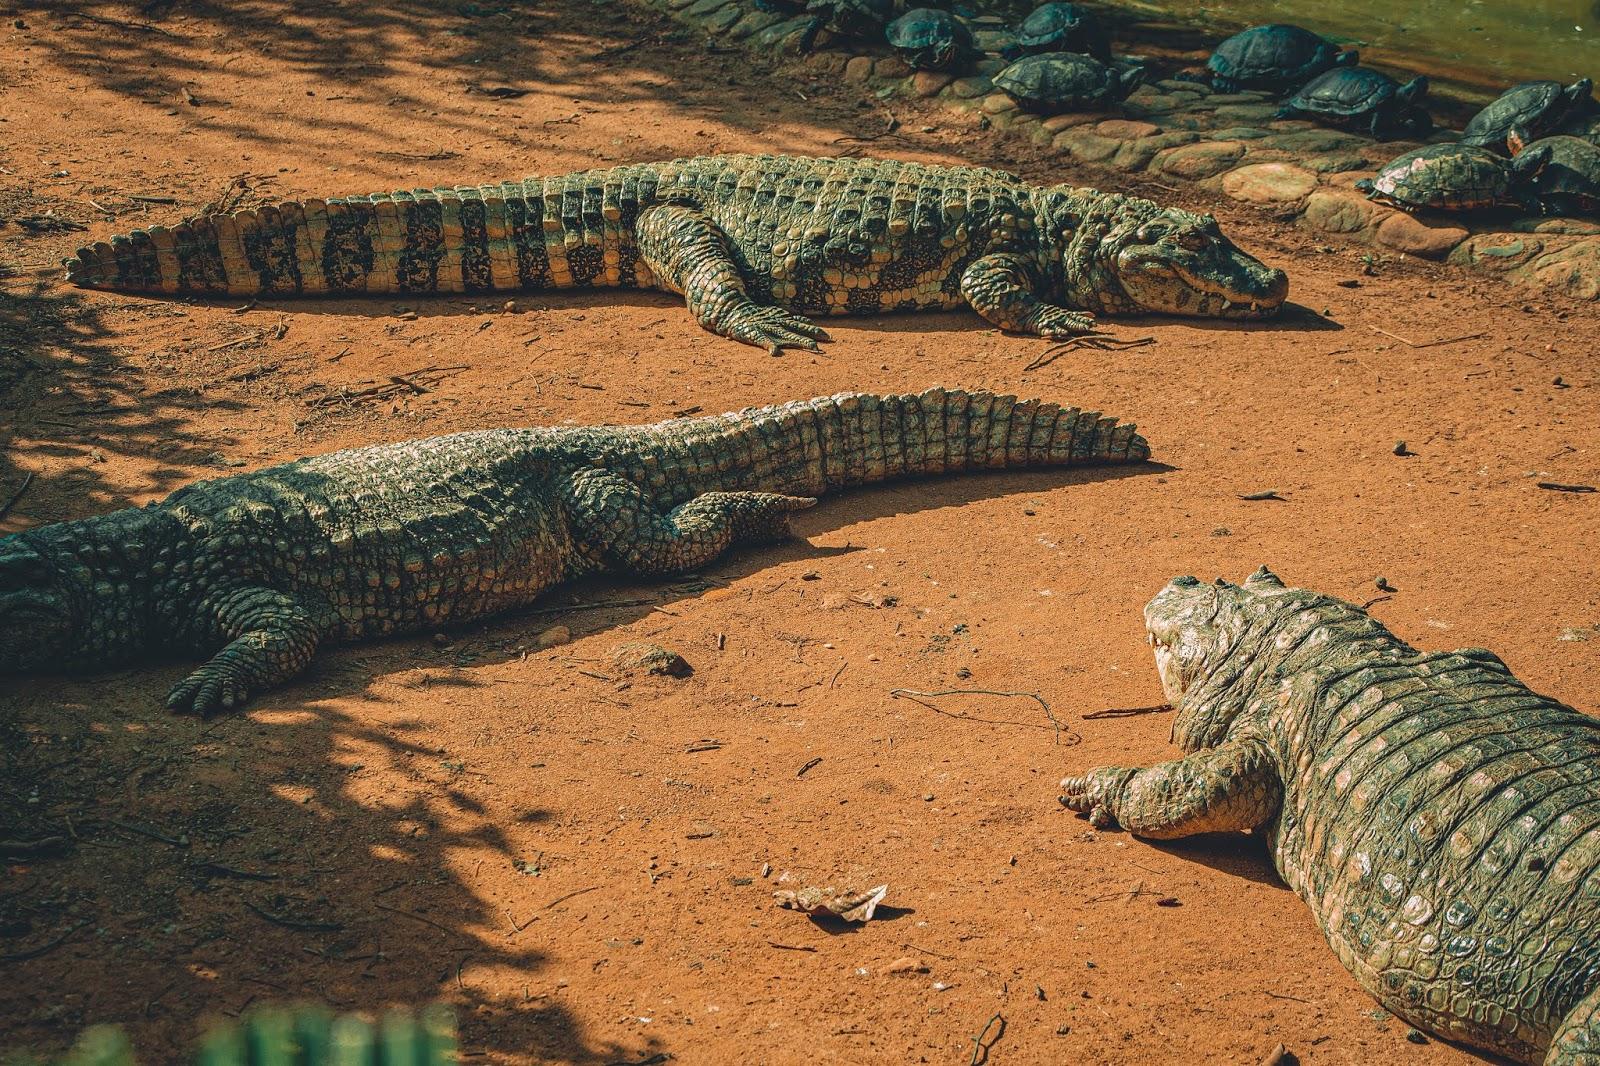 Kubanische Baby Krokodile klingen wie Laserguns aus Arcades.